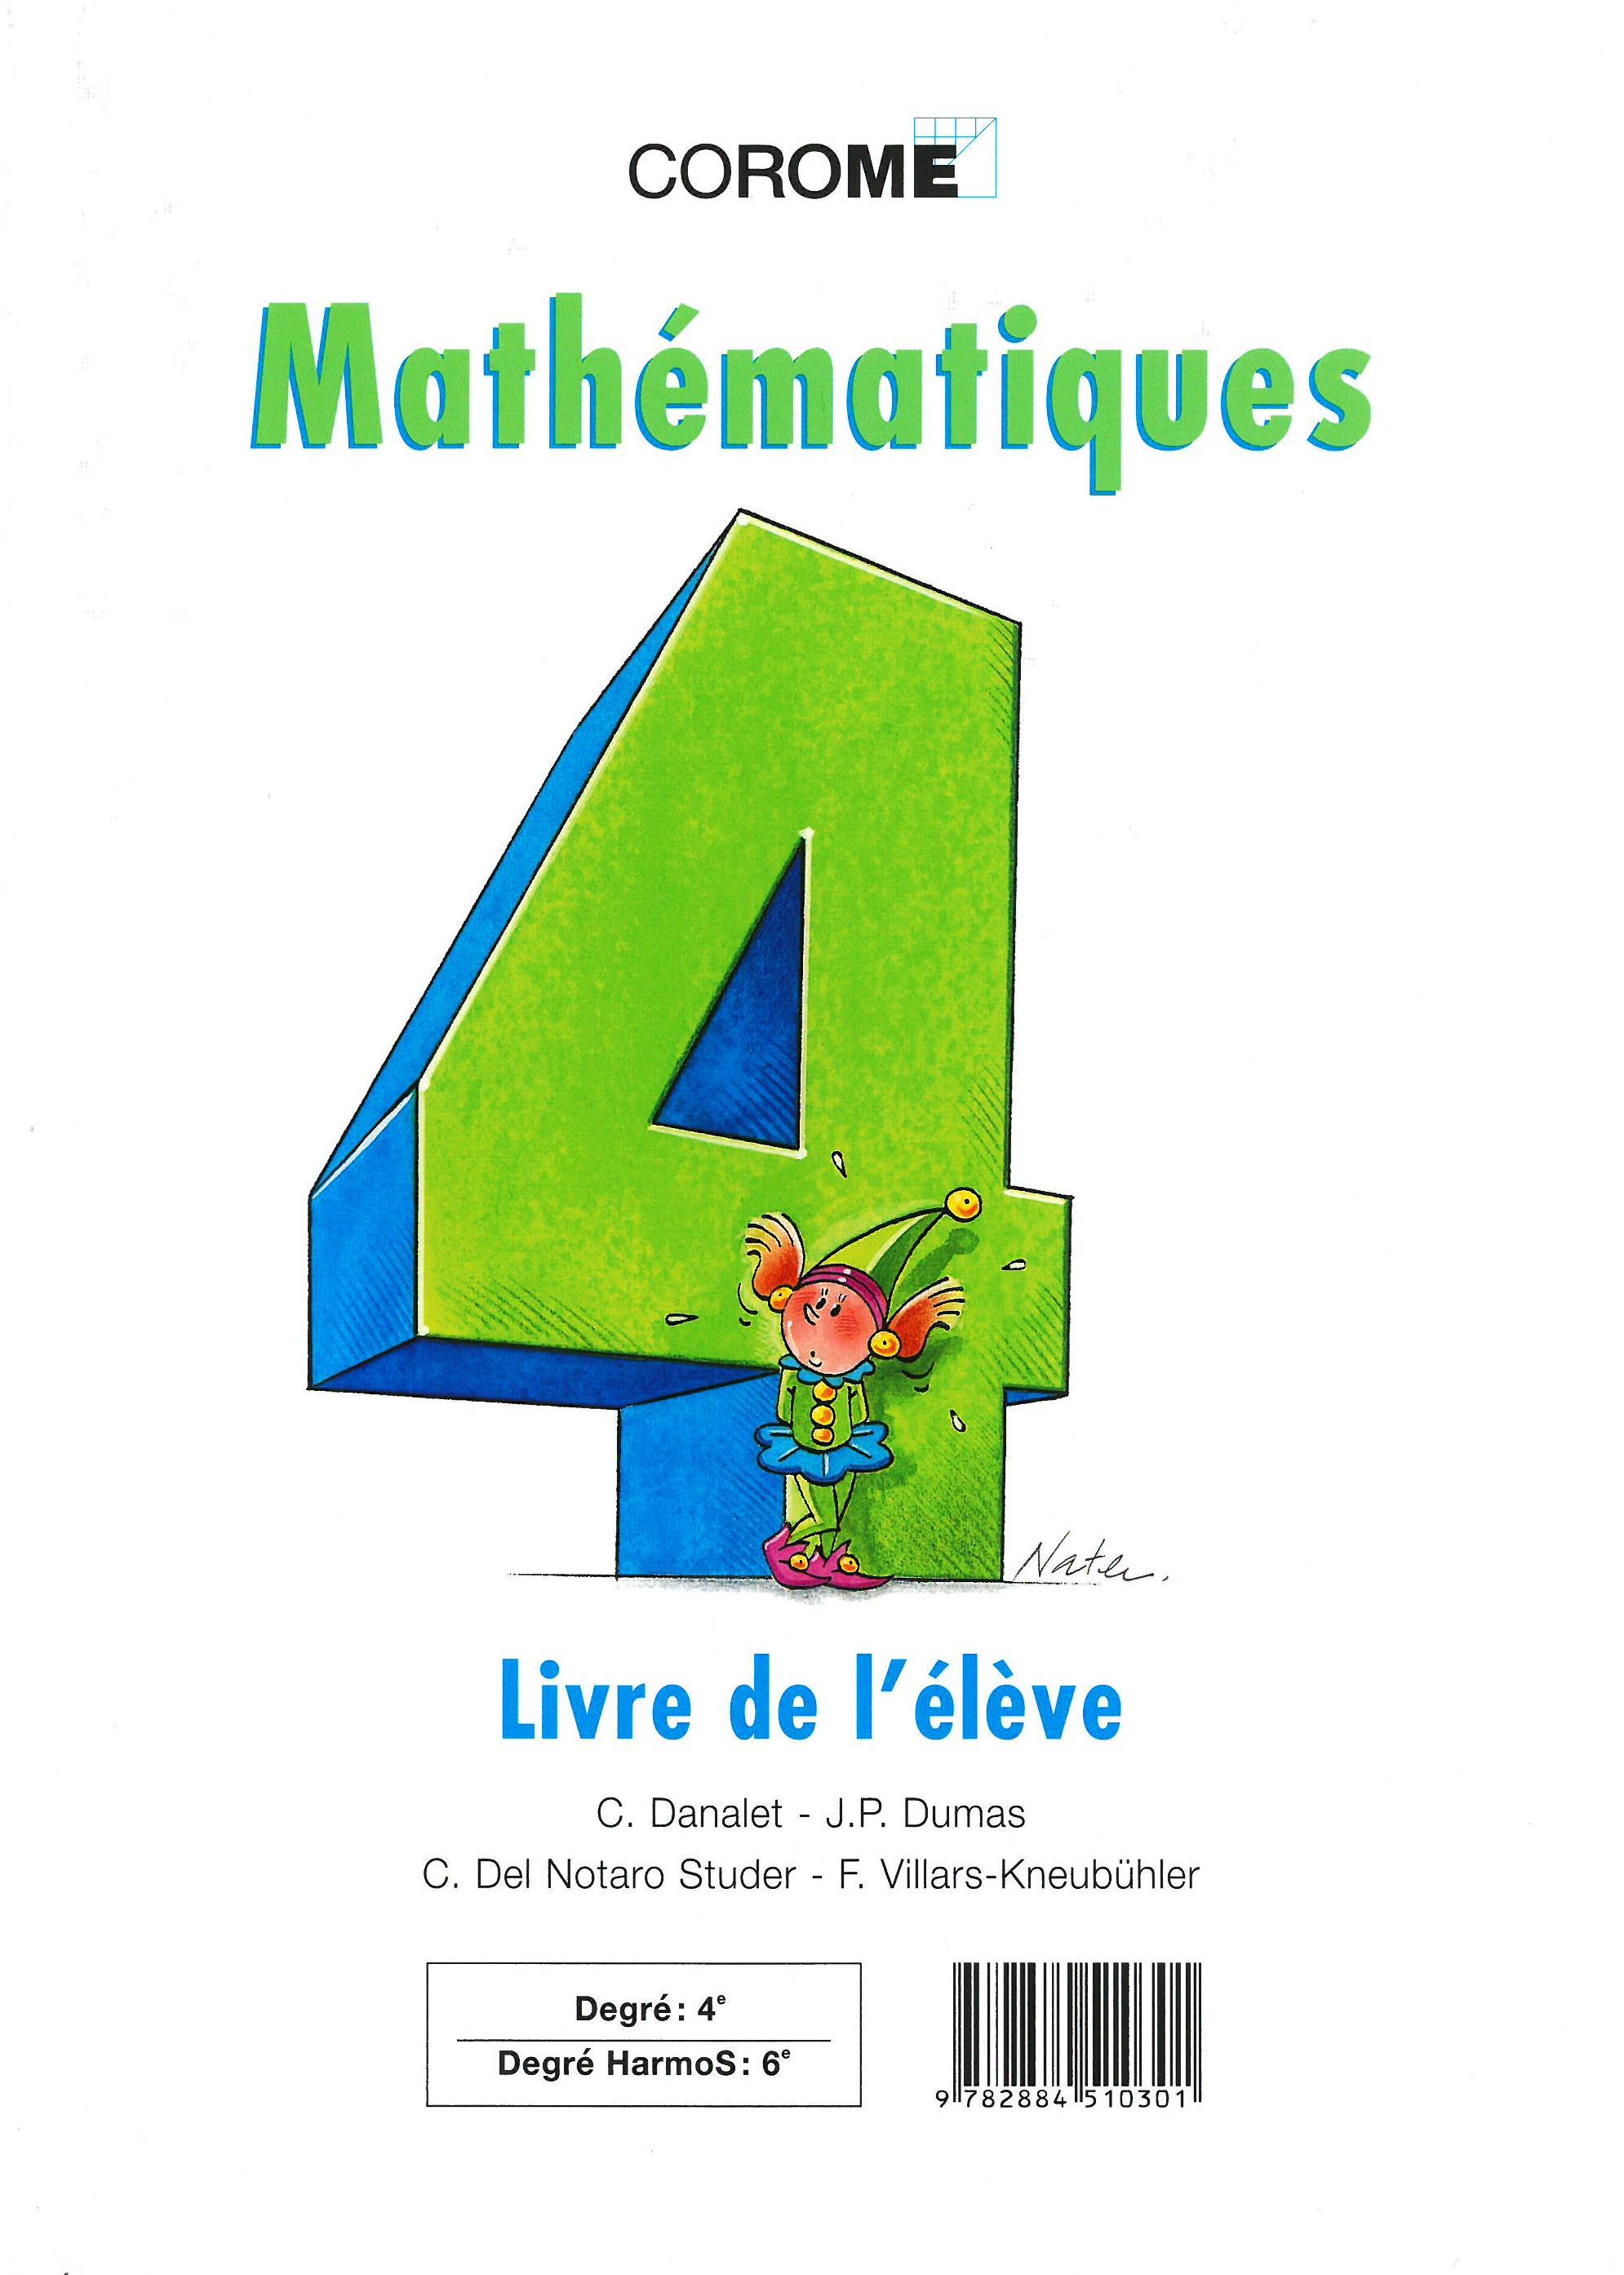 6H – Mathématiques – Livre de l'élève, Danalet, Claude